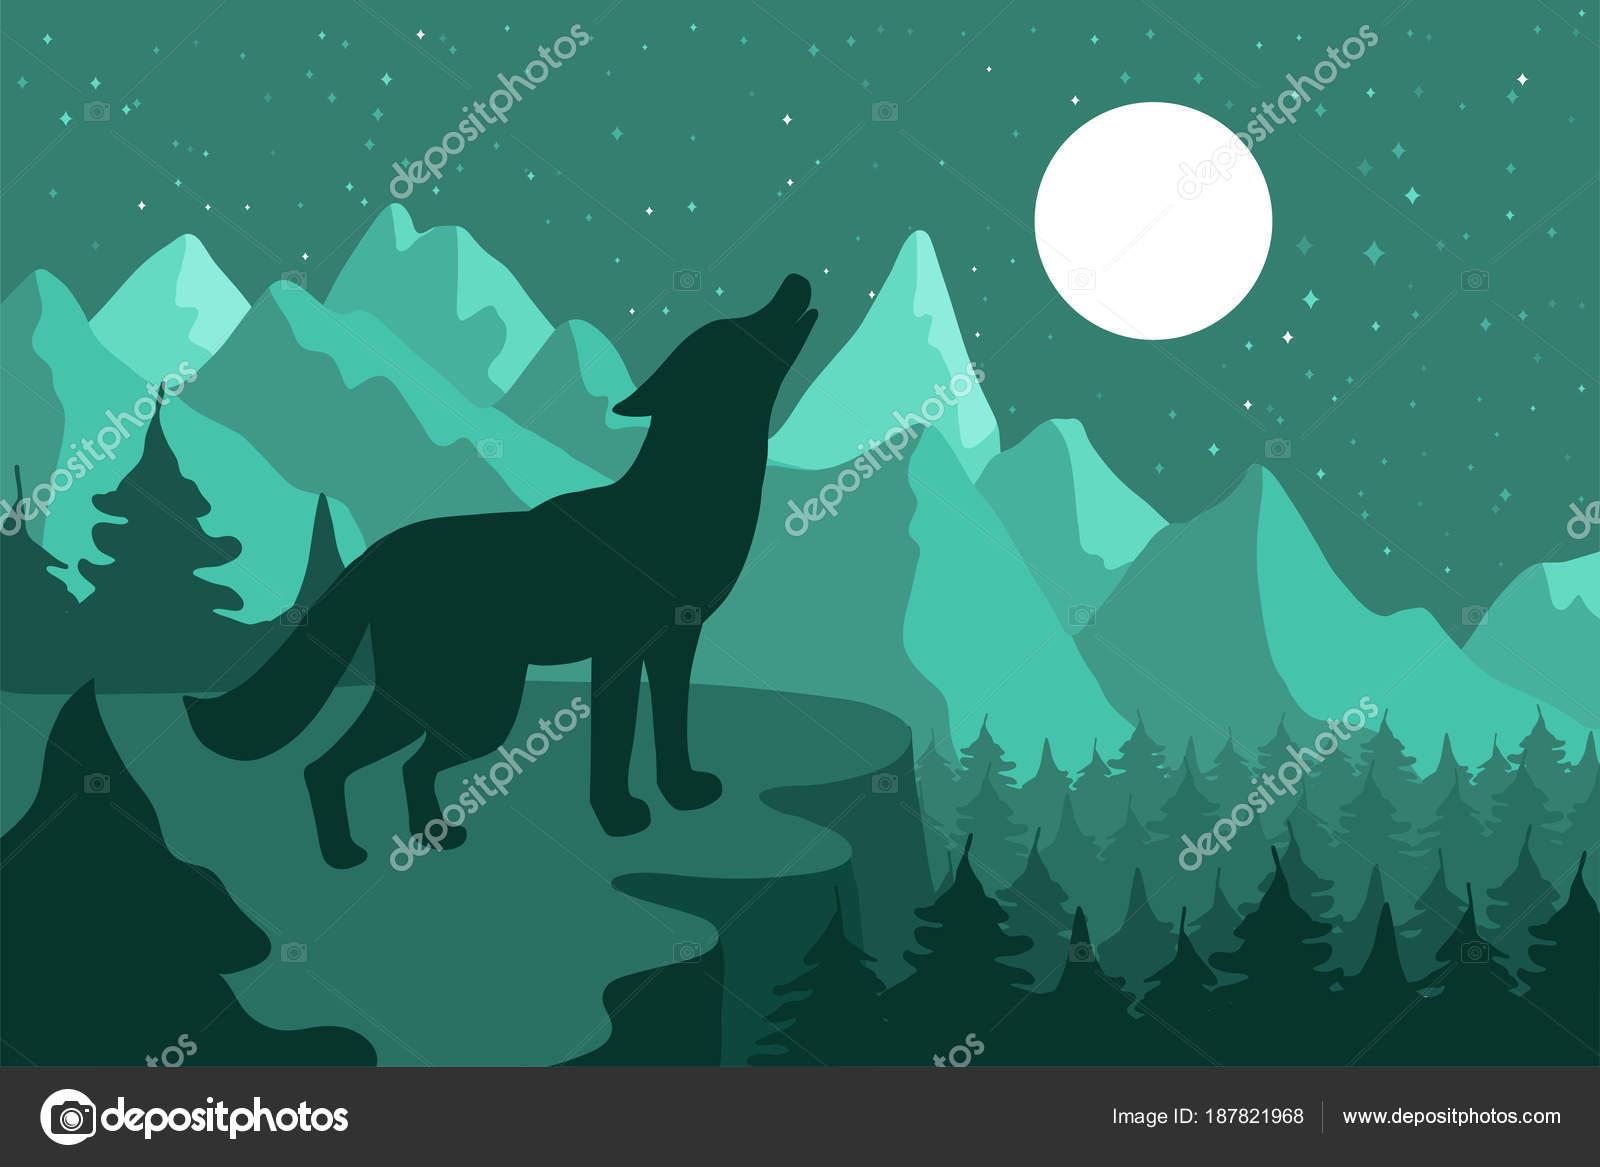 Loup Dans La Foret De Coniferes De Nuit Pres Des Montagnes Sous La